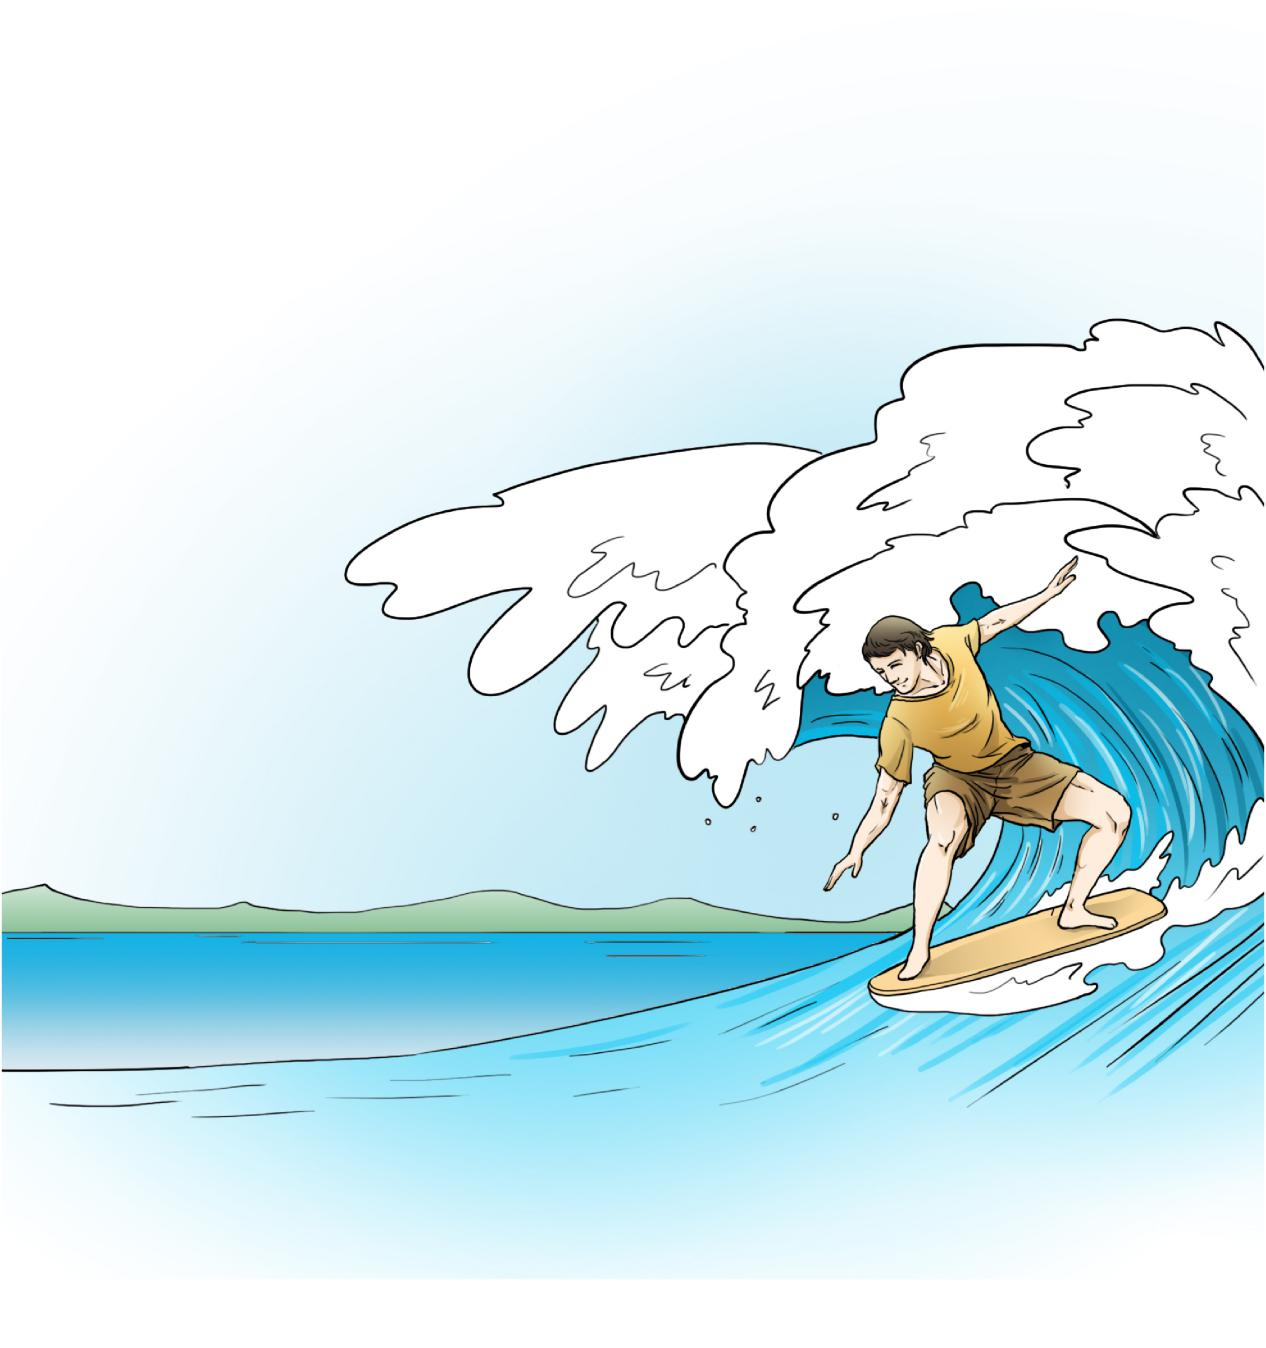 动漫 卡通 漫画 设计 矢量 矢量图 素材 头像 1266_1348